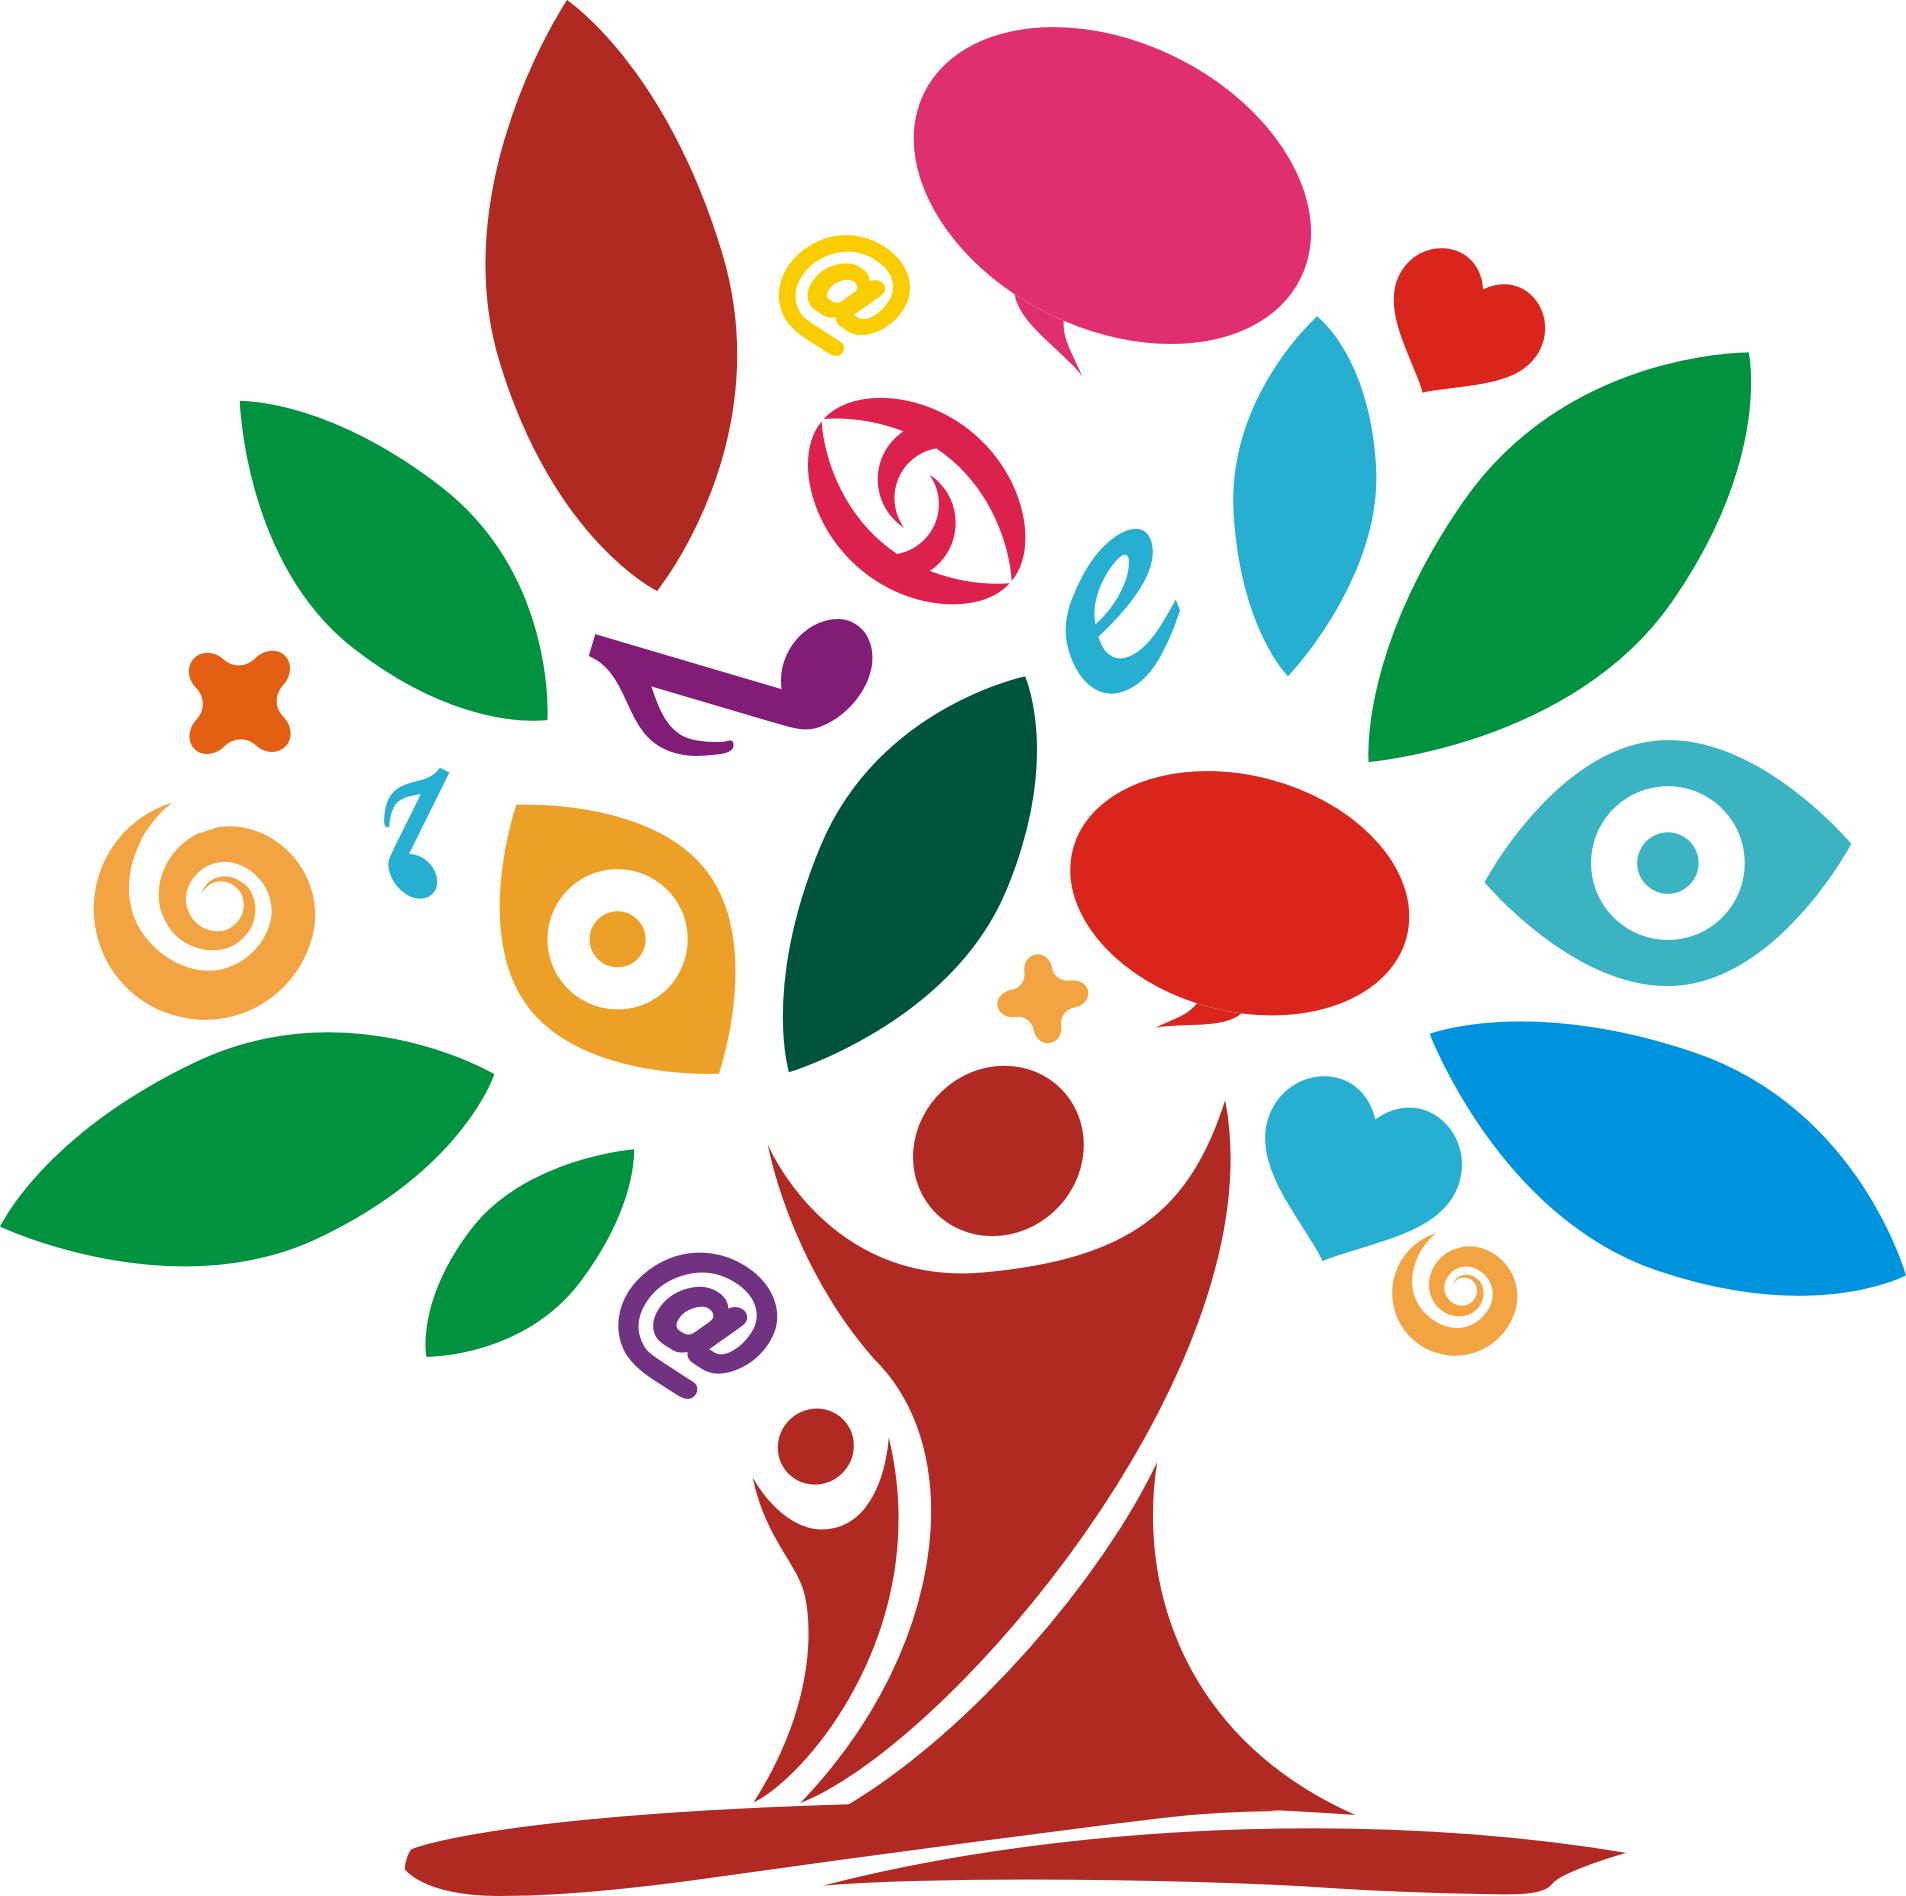 logo logo 标志 设计 矢量 矢量图 素材 图标 1906_1896